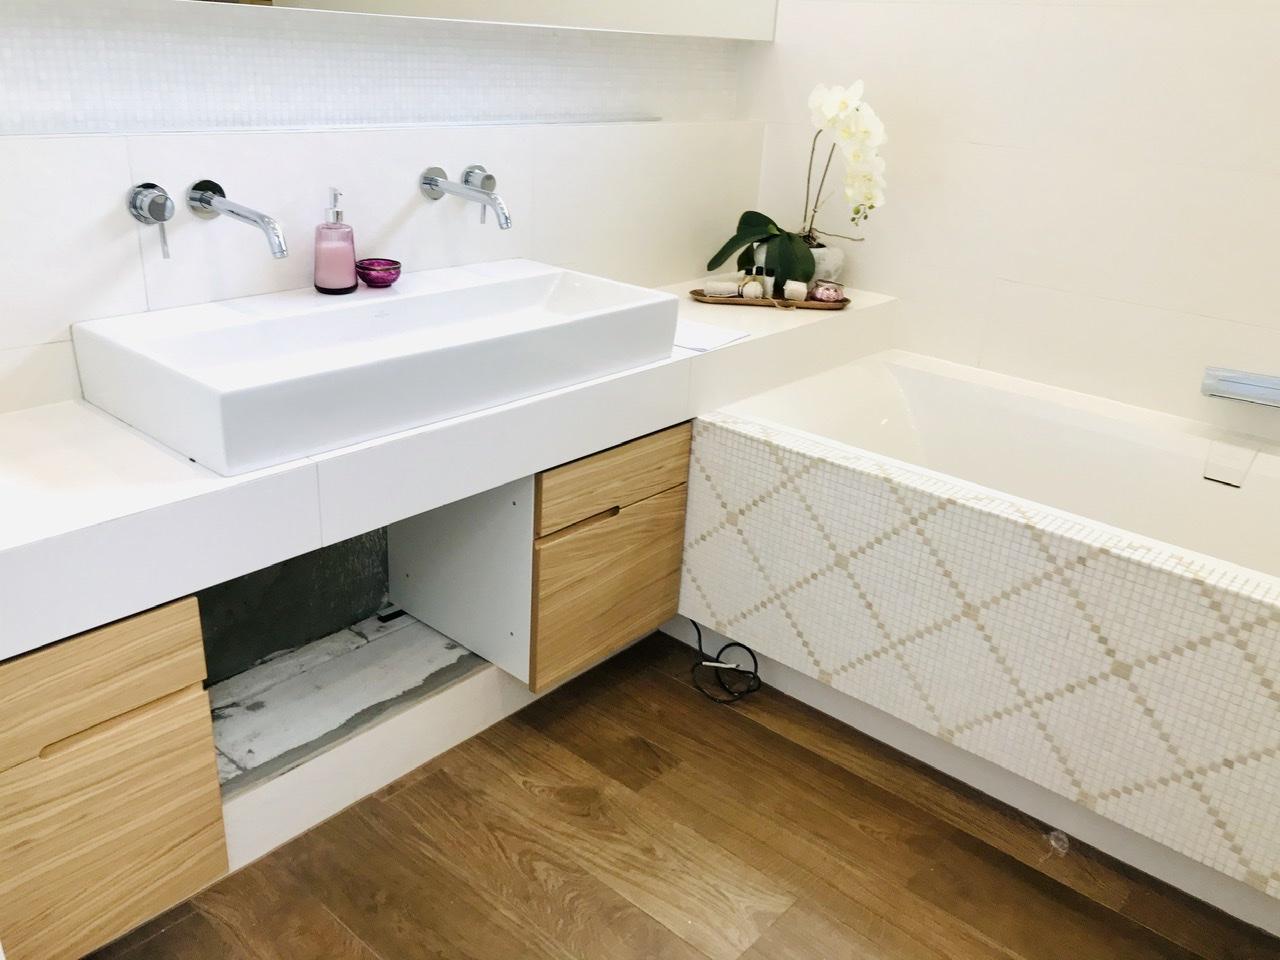 Naše L-ko - 2021 - stále dokončujeme - Montáž nábytku velká kúpeľňa. Dubové skrinky so zafrézovanou drážkou medzi dvoma šuplíkmi. Horný šuplík na drobnosti, dolný na vyčšie veci. Stredový bude v celku s priznanou drážkou na otváranie.